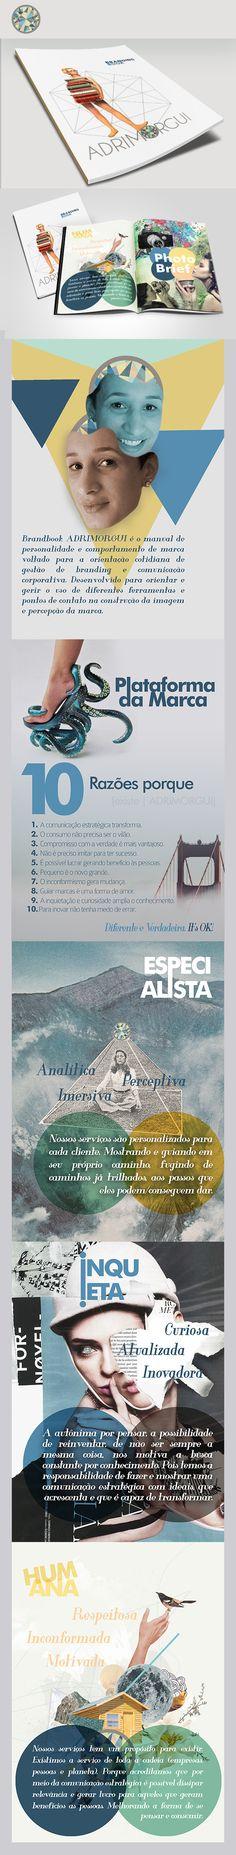 Brandbook.  Projeto de construção de marca - responsável: Adriana Guimarães.  Designer do Brandbook: Andre Camargo.